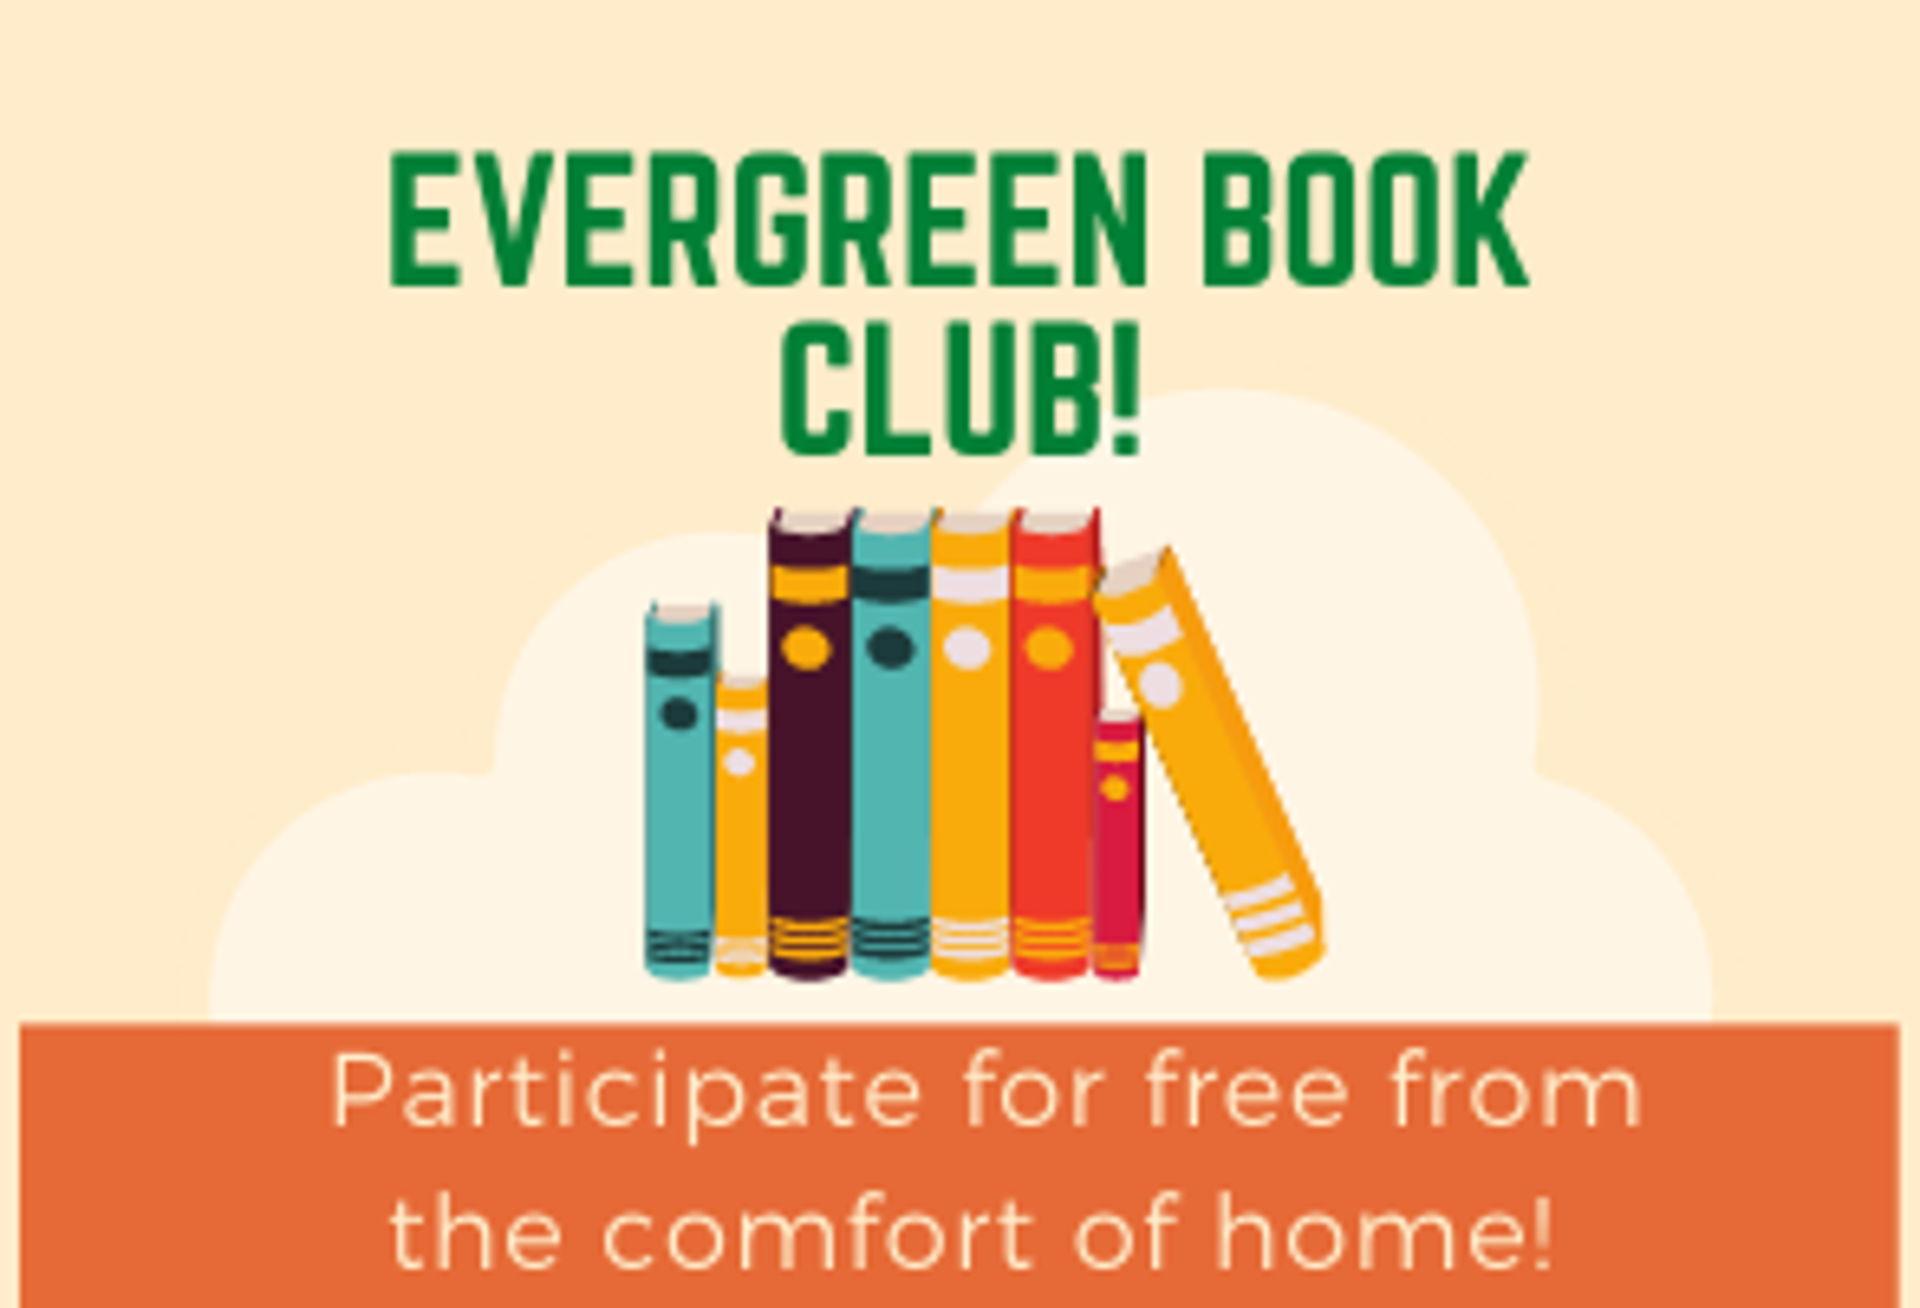 Evergreen Book Club